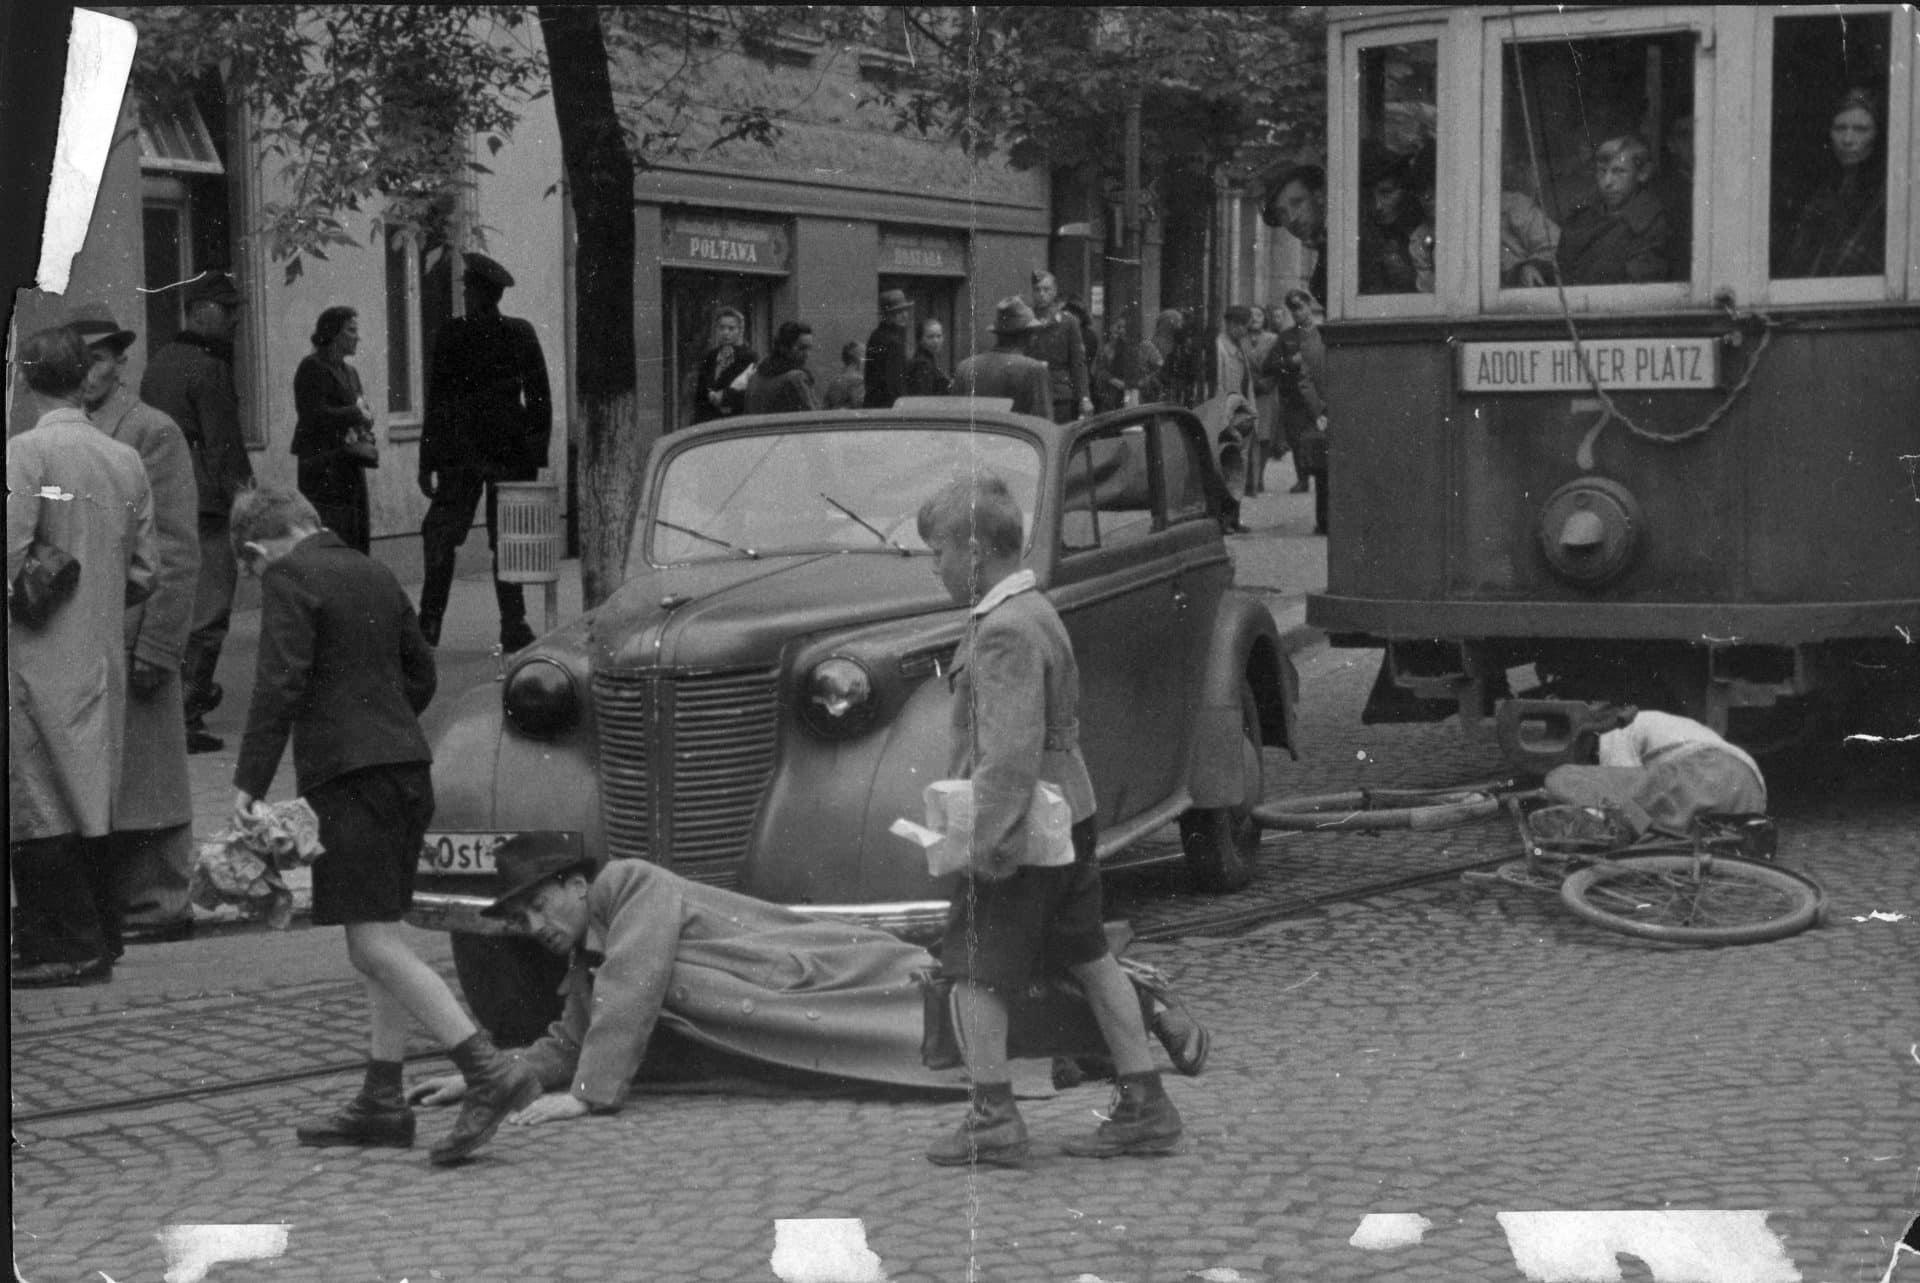 Wypadek z udziałem tramwaju typu SW1, samochodu osobowego, rowerzysty i pieszego. Fotografia pozowana. Na tramwaju widać tabliczkę Adolf Hitler Platz. Źródło: Narodowe Archiwum Cyfrowe.  Niemiecka okupacja w Krakowie